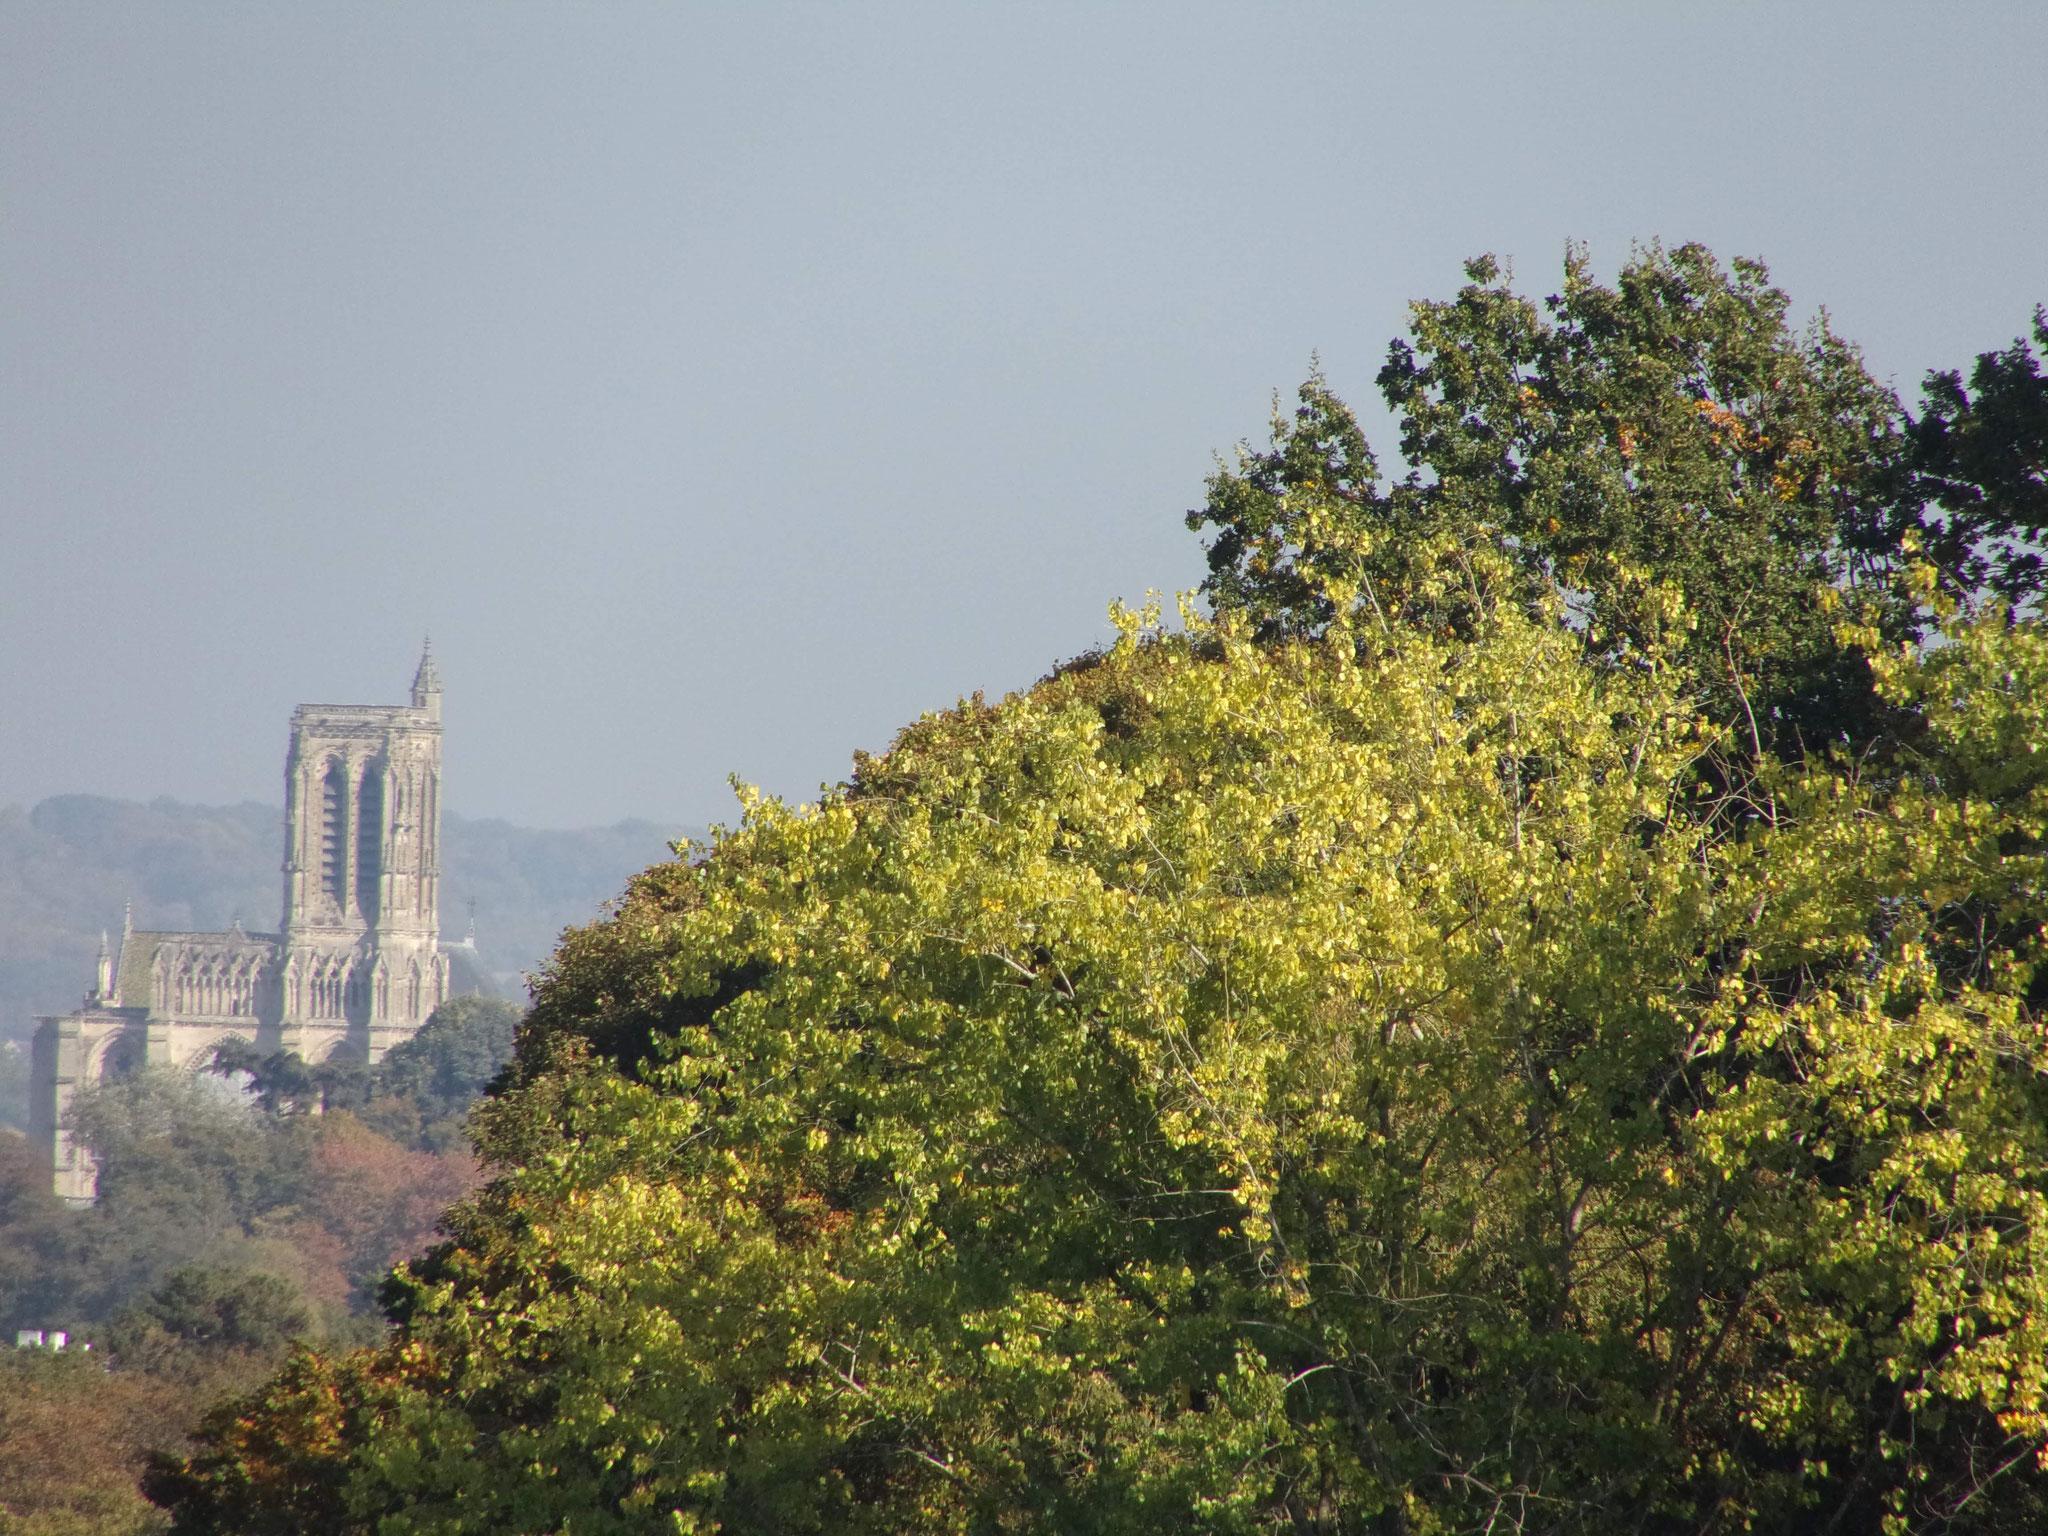 Vue sur la cathédrale de Soissons